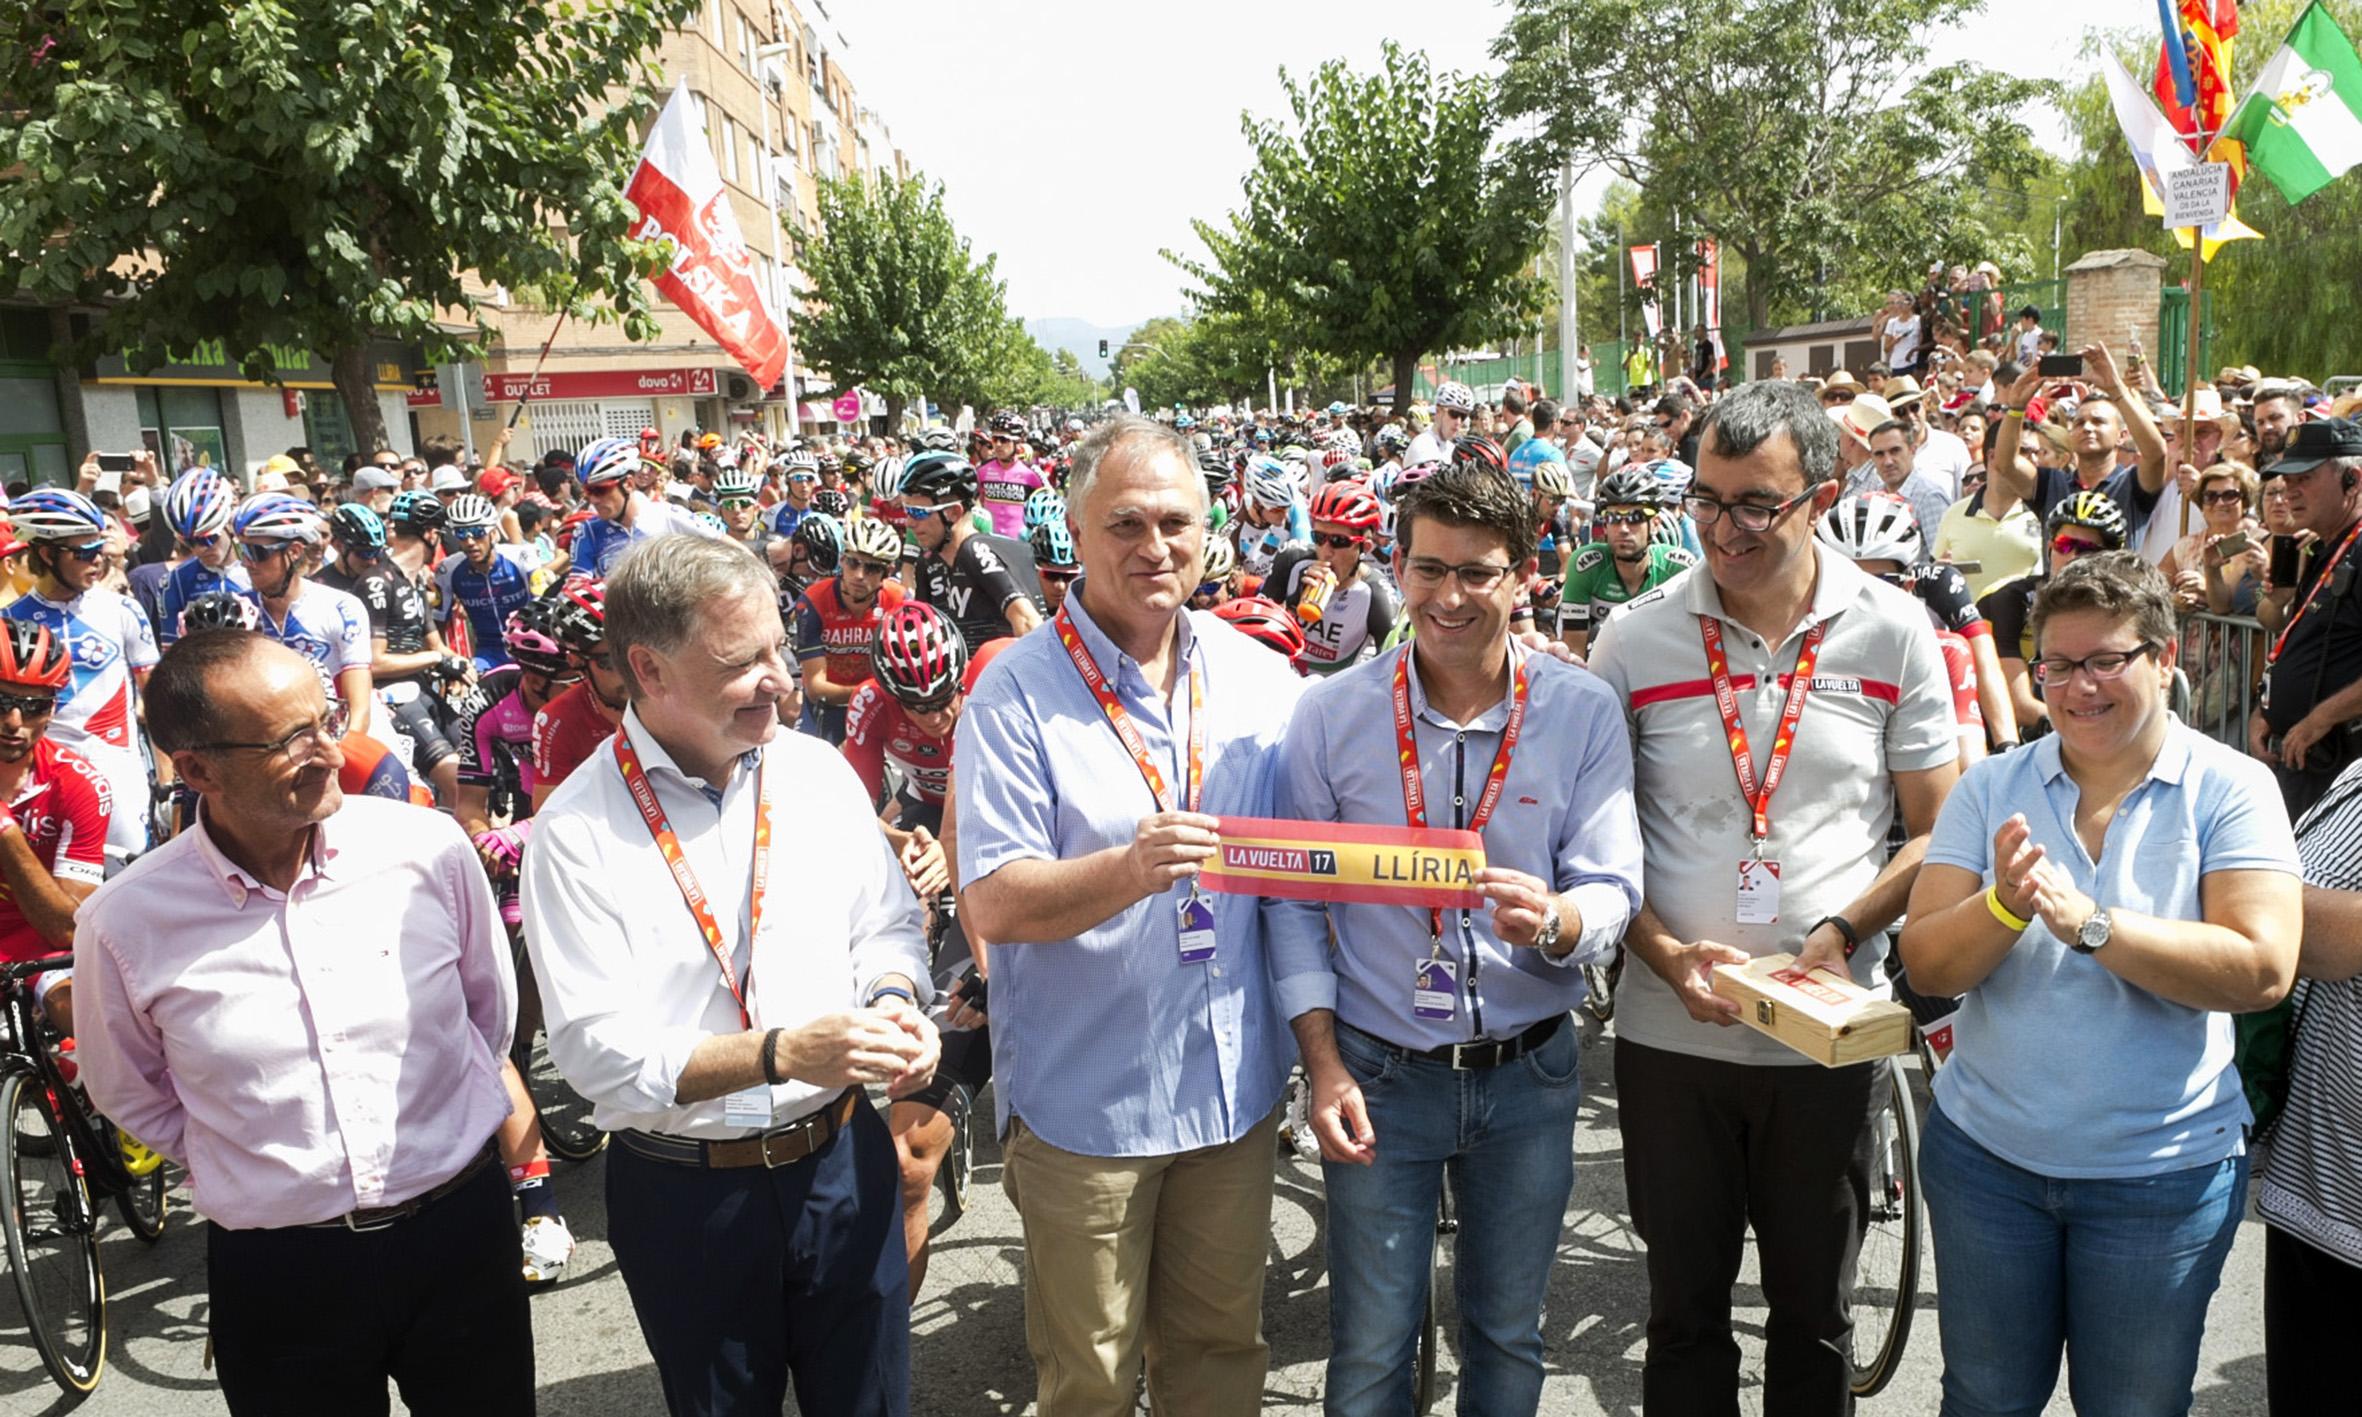 El alcalde, Manuel Civera, y Rodríguez coinciden en la repercusión de un evento que permite a la capital edetana mostrar sus encantos a cerca de 200 países, a través de la señal de 40 televisiones.